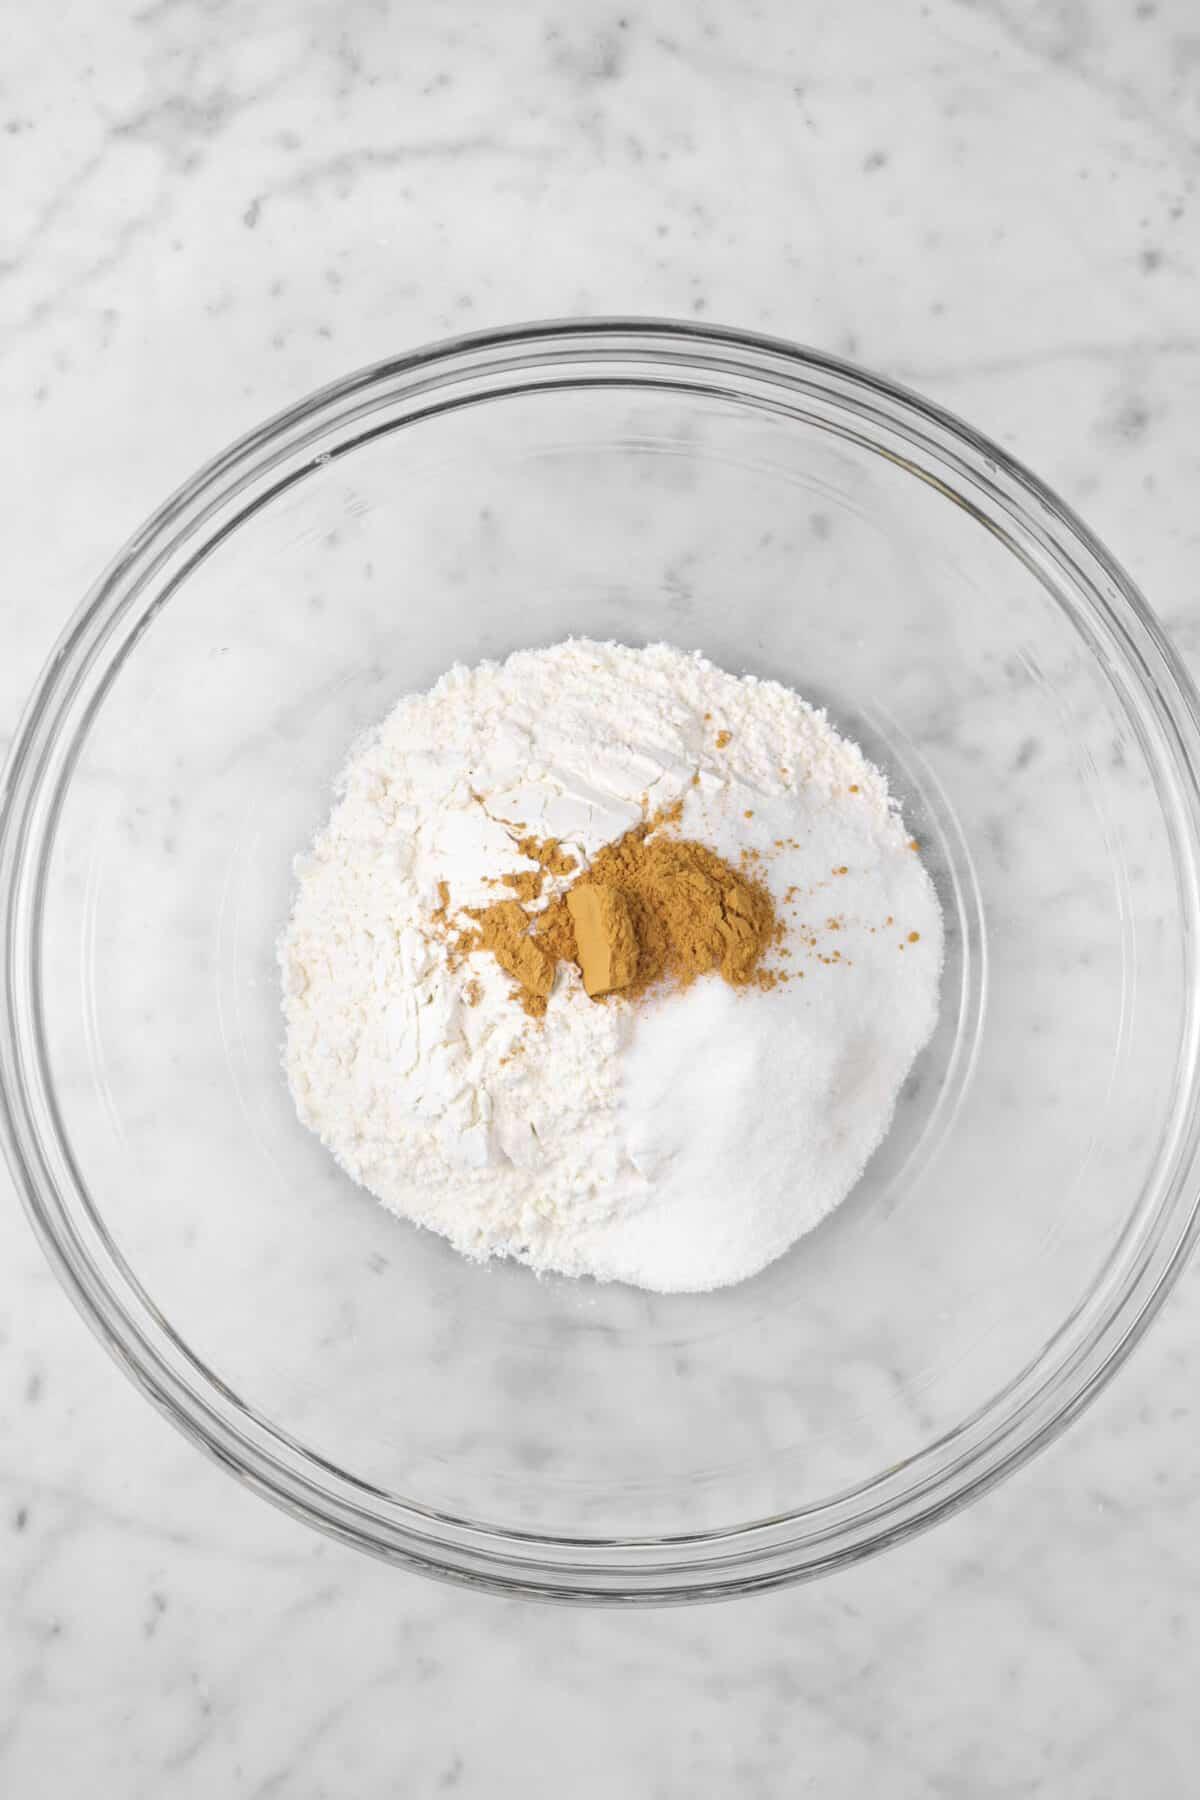 flour, cinnamon, sugar, and salt in a glass bowl